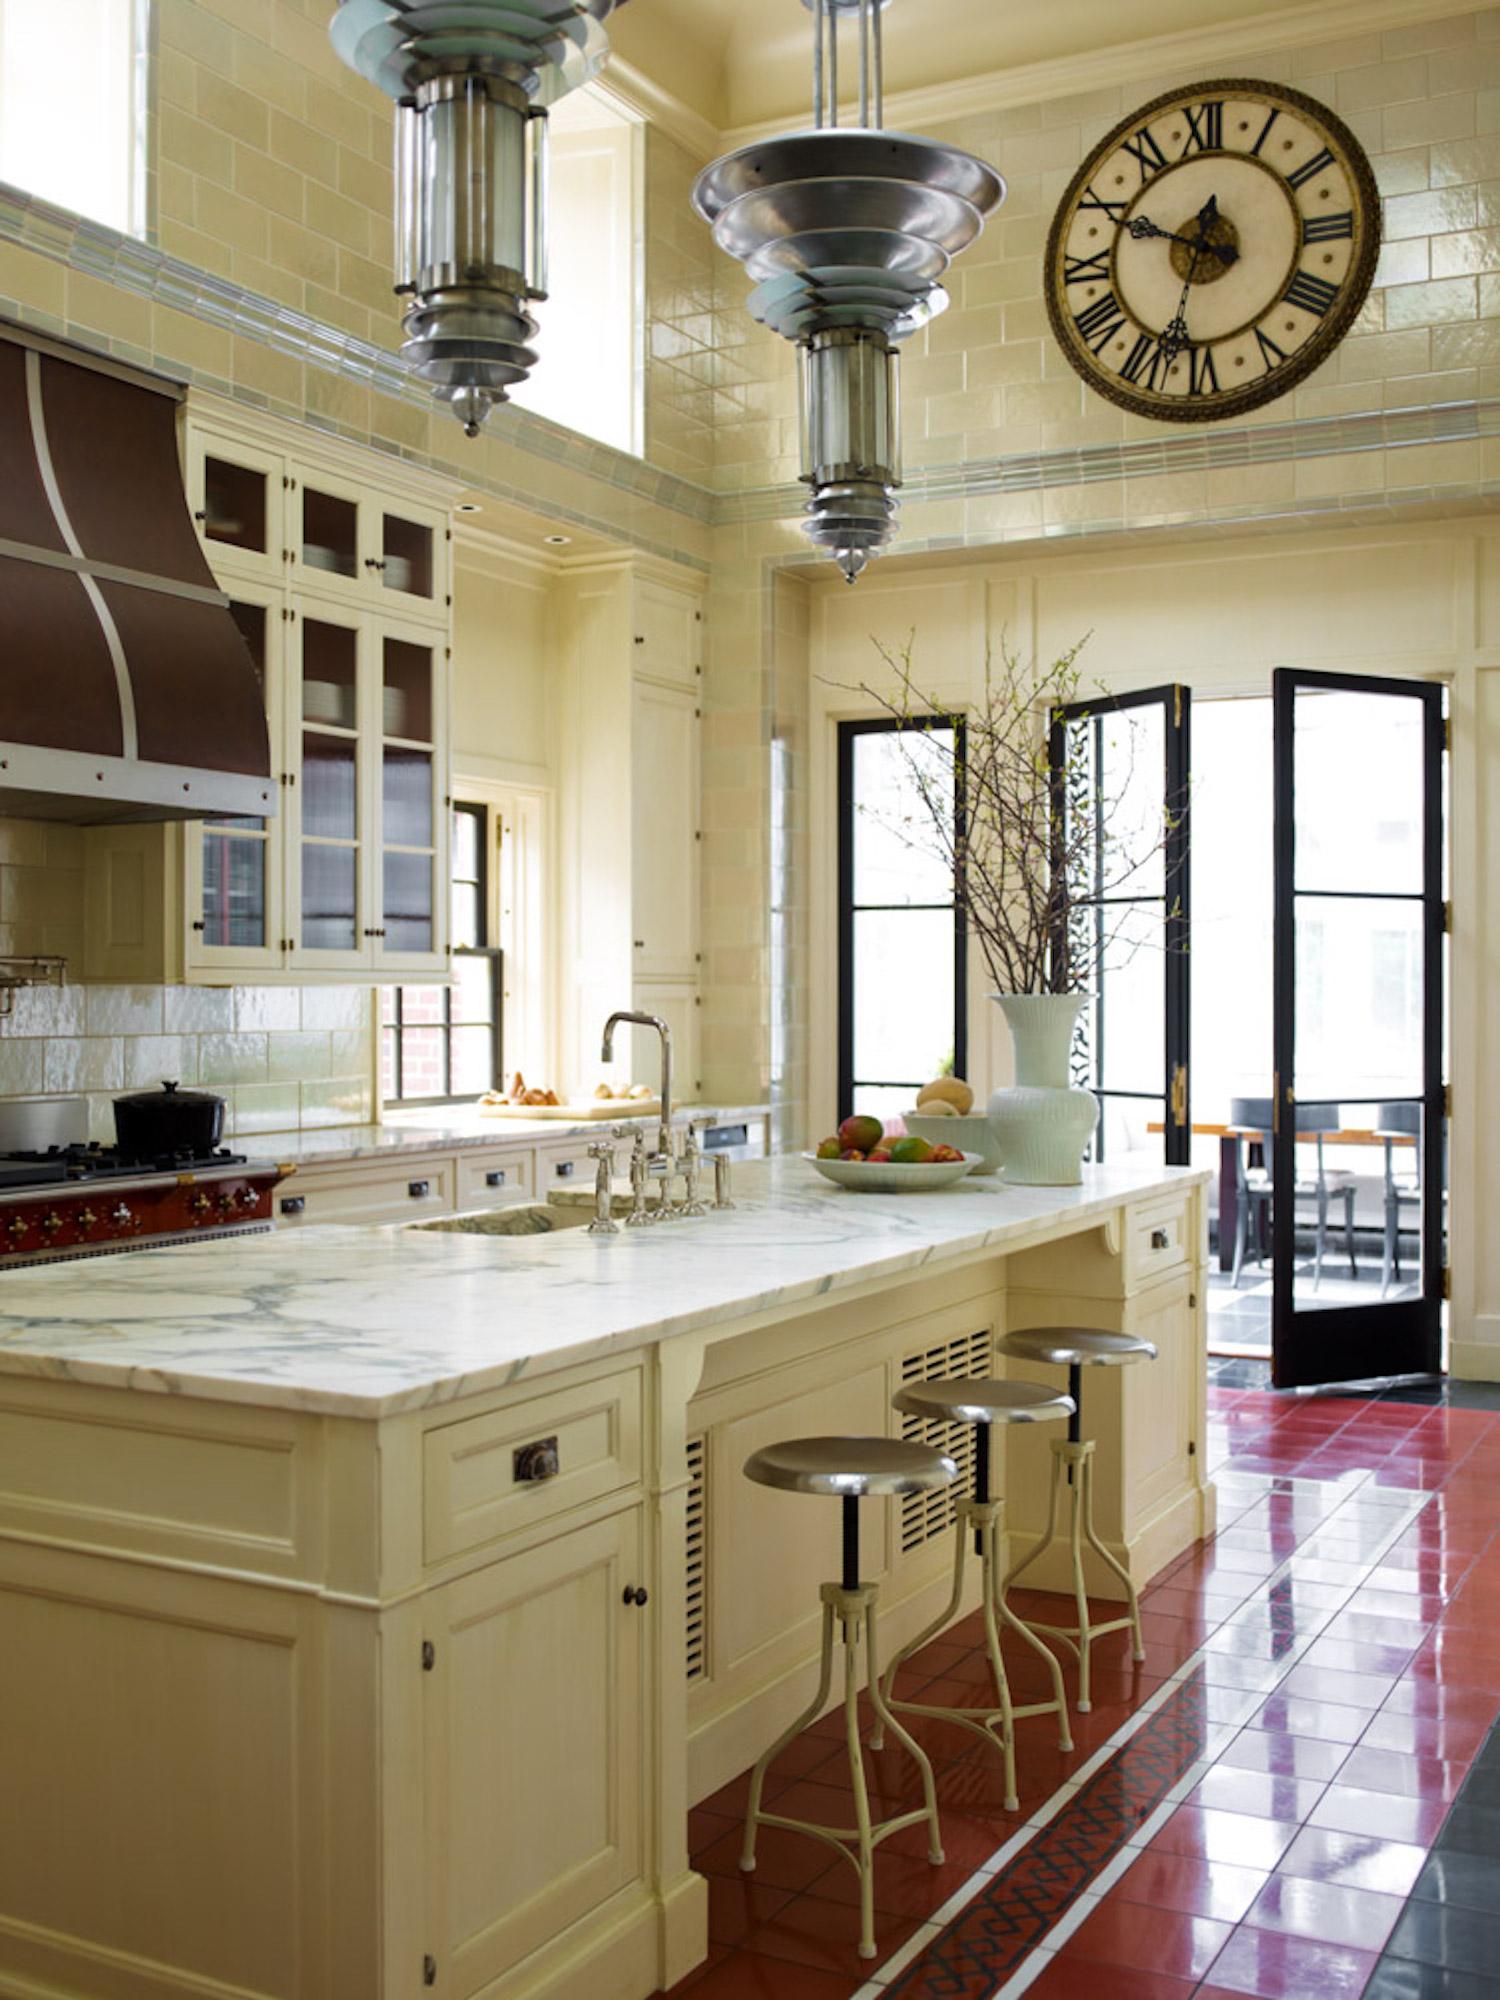 0901_kitchen 1.jpg